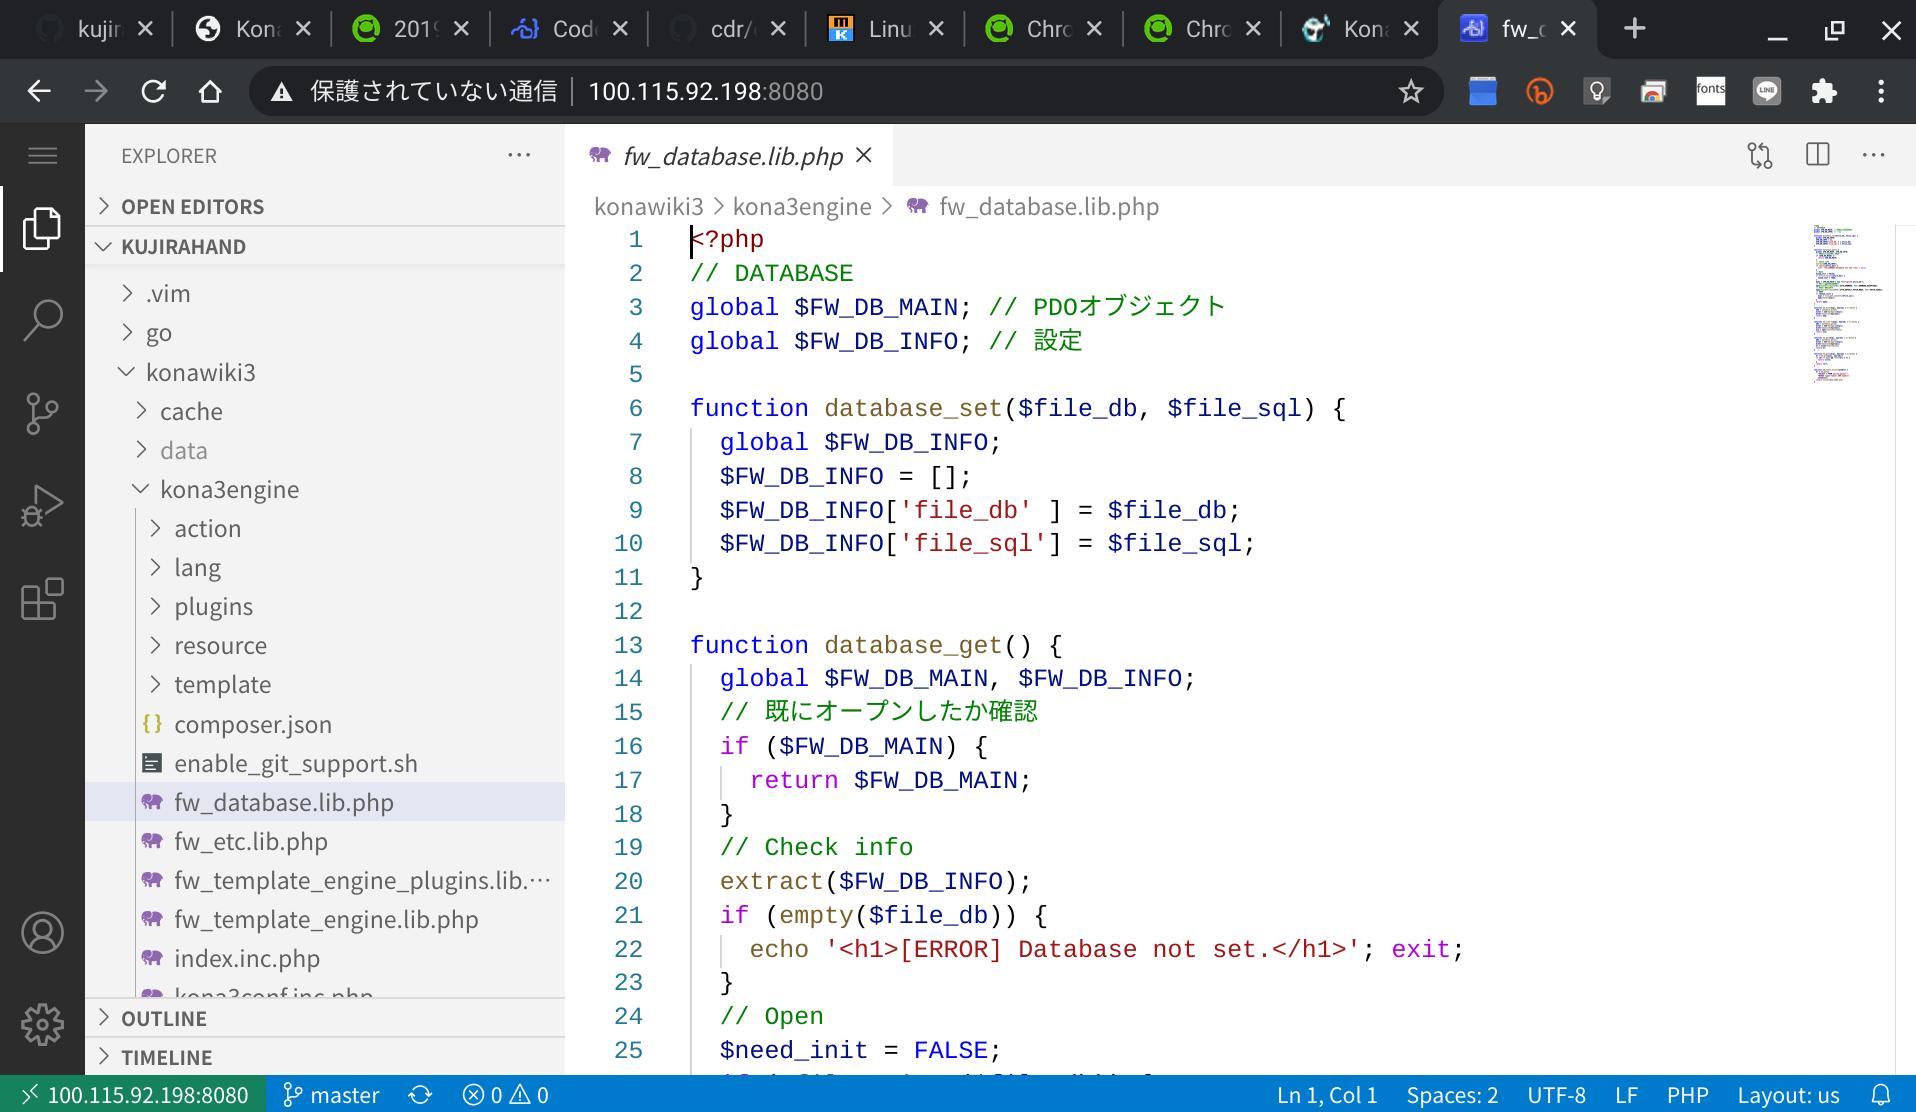 Screenshot 2020-10-18 at 10.49.02.png